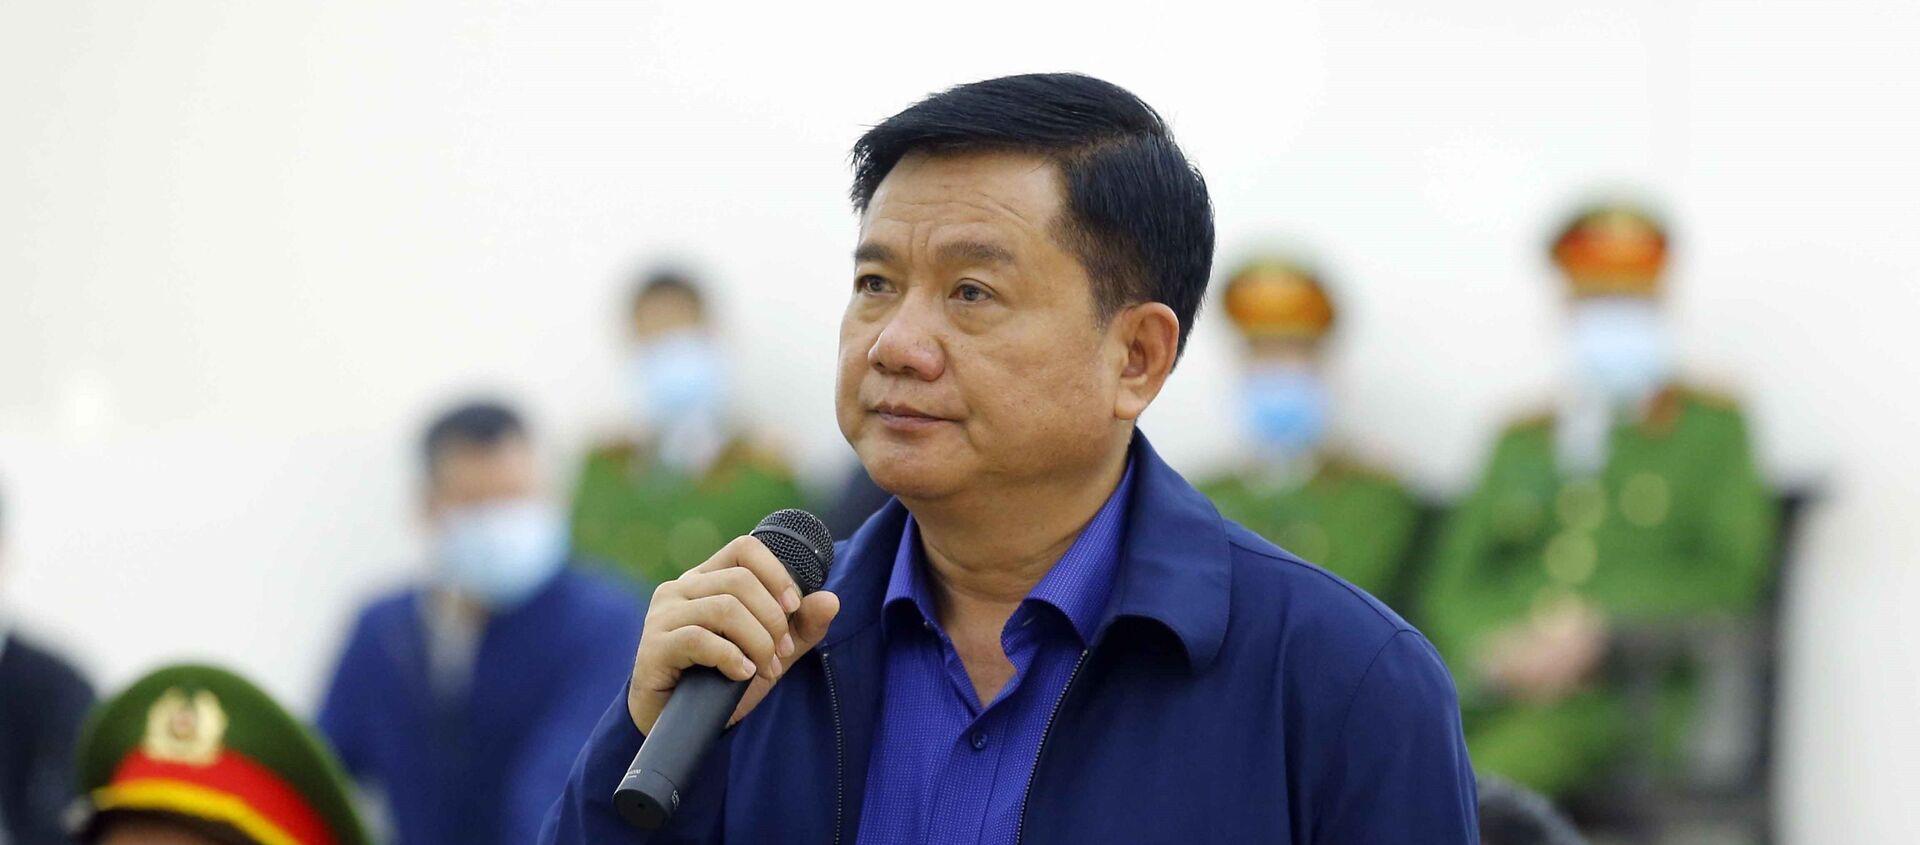 Bị cáo Đinh La Thăng khai báo trước Hội đồng xét xử. - Sputnik Việt Nam, 1920, 12.03.2021